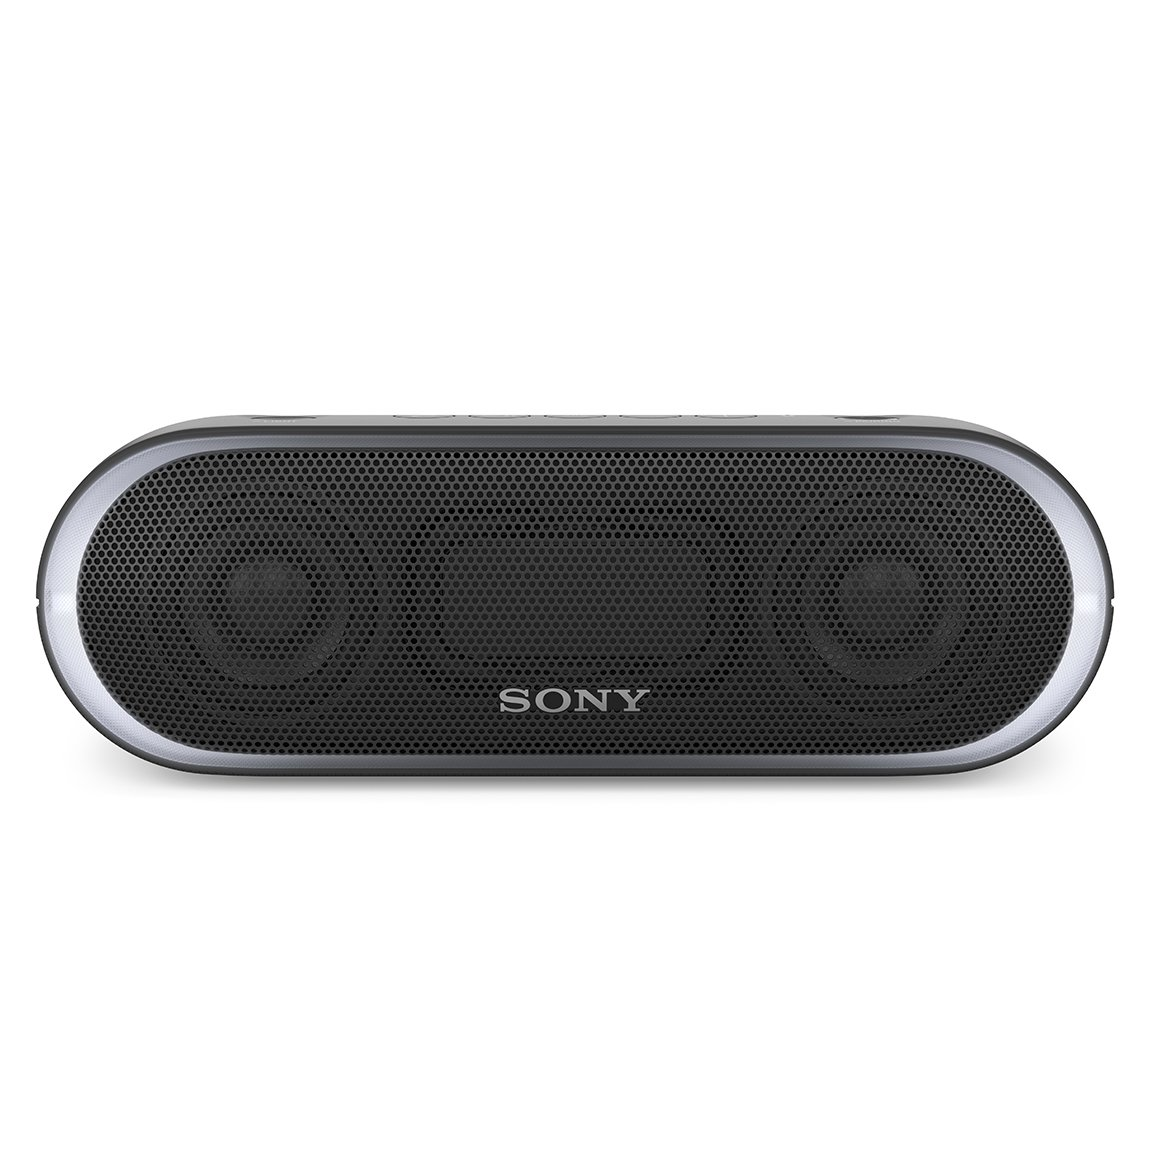 ソニー SONY ワイヤレスポータブルスピーカー 重低音モデル SRS-XB20 : 防水/Bluetooth対応 ライティング機能搭載 ブラック SRS-XB20 B B071CKBMWR  ブラック